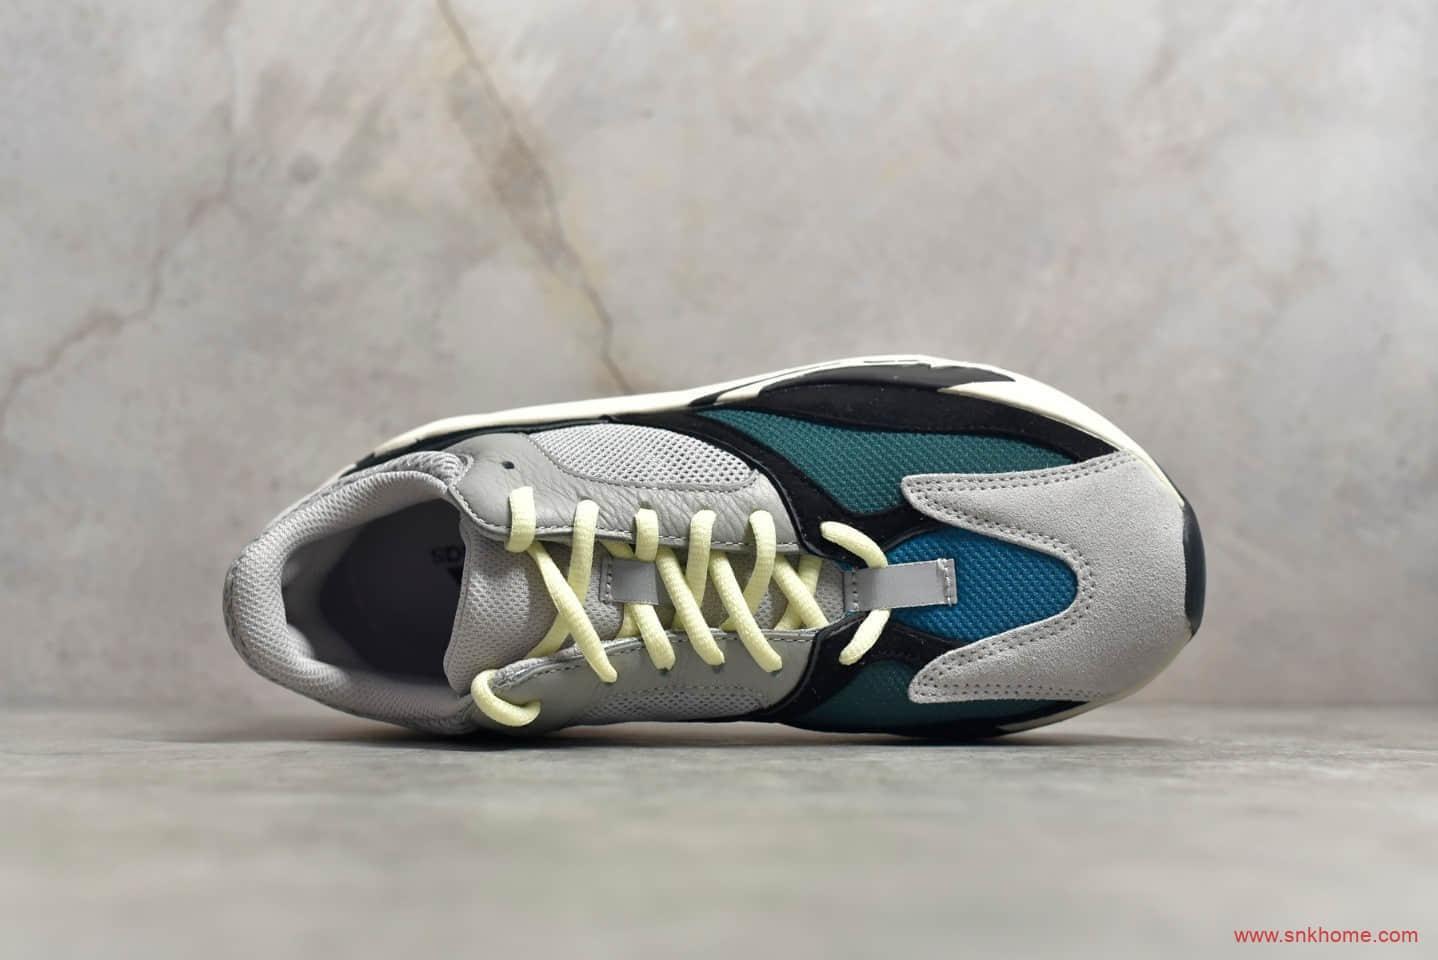 椰子700一代白灰配色Adidas Yeezy 700 Wave Runner Solid Grey 椰子700巴斯夫真爆纯原版本 货号:B75571-潮流者之家